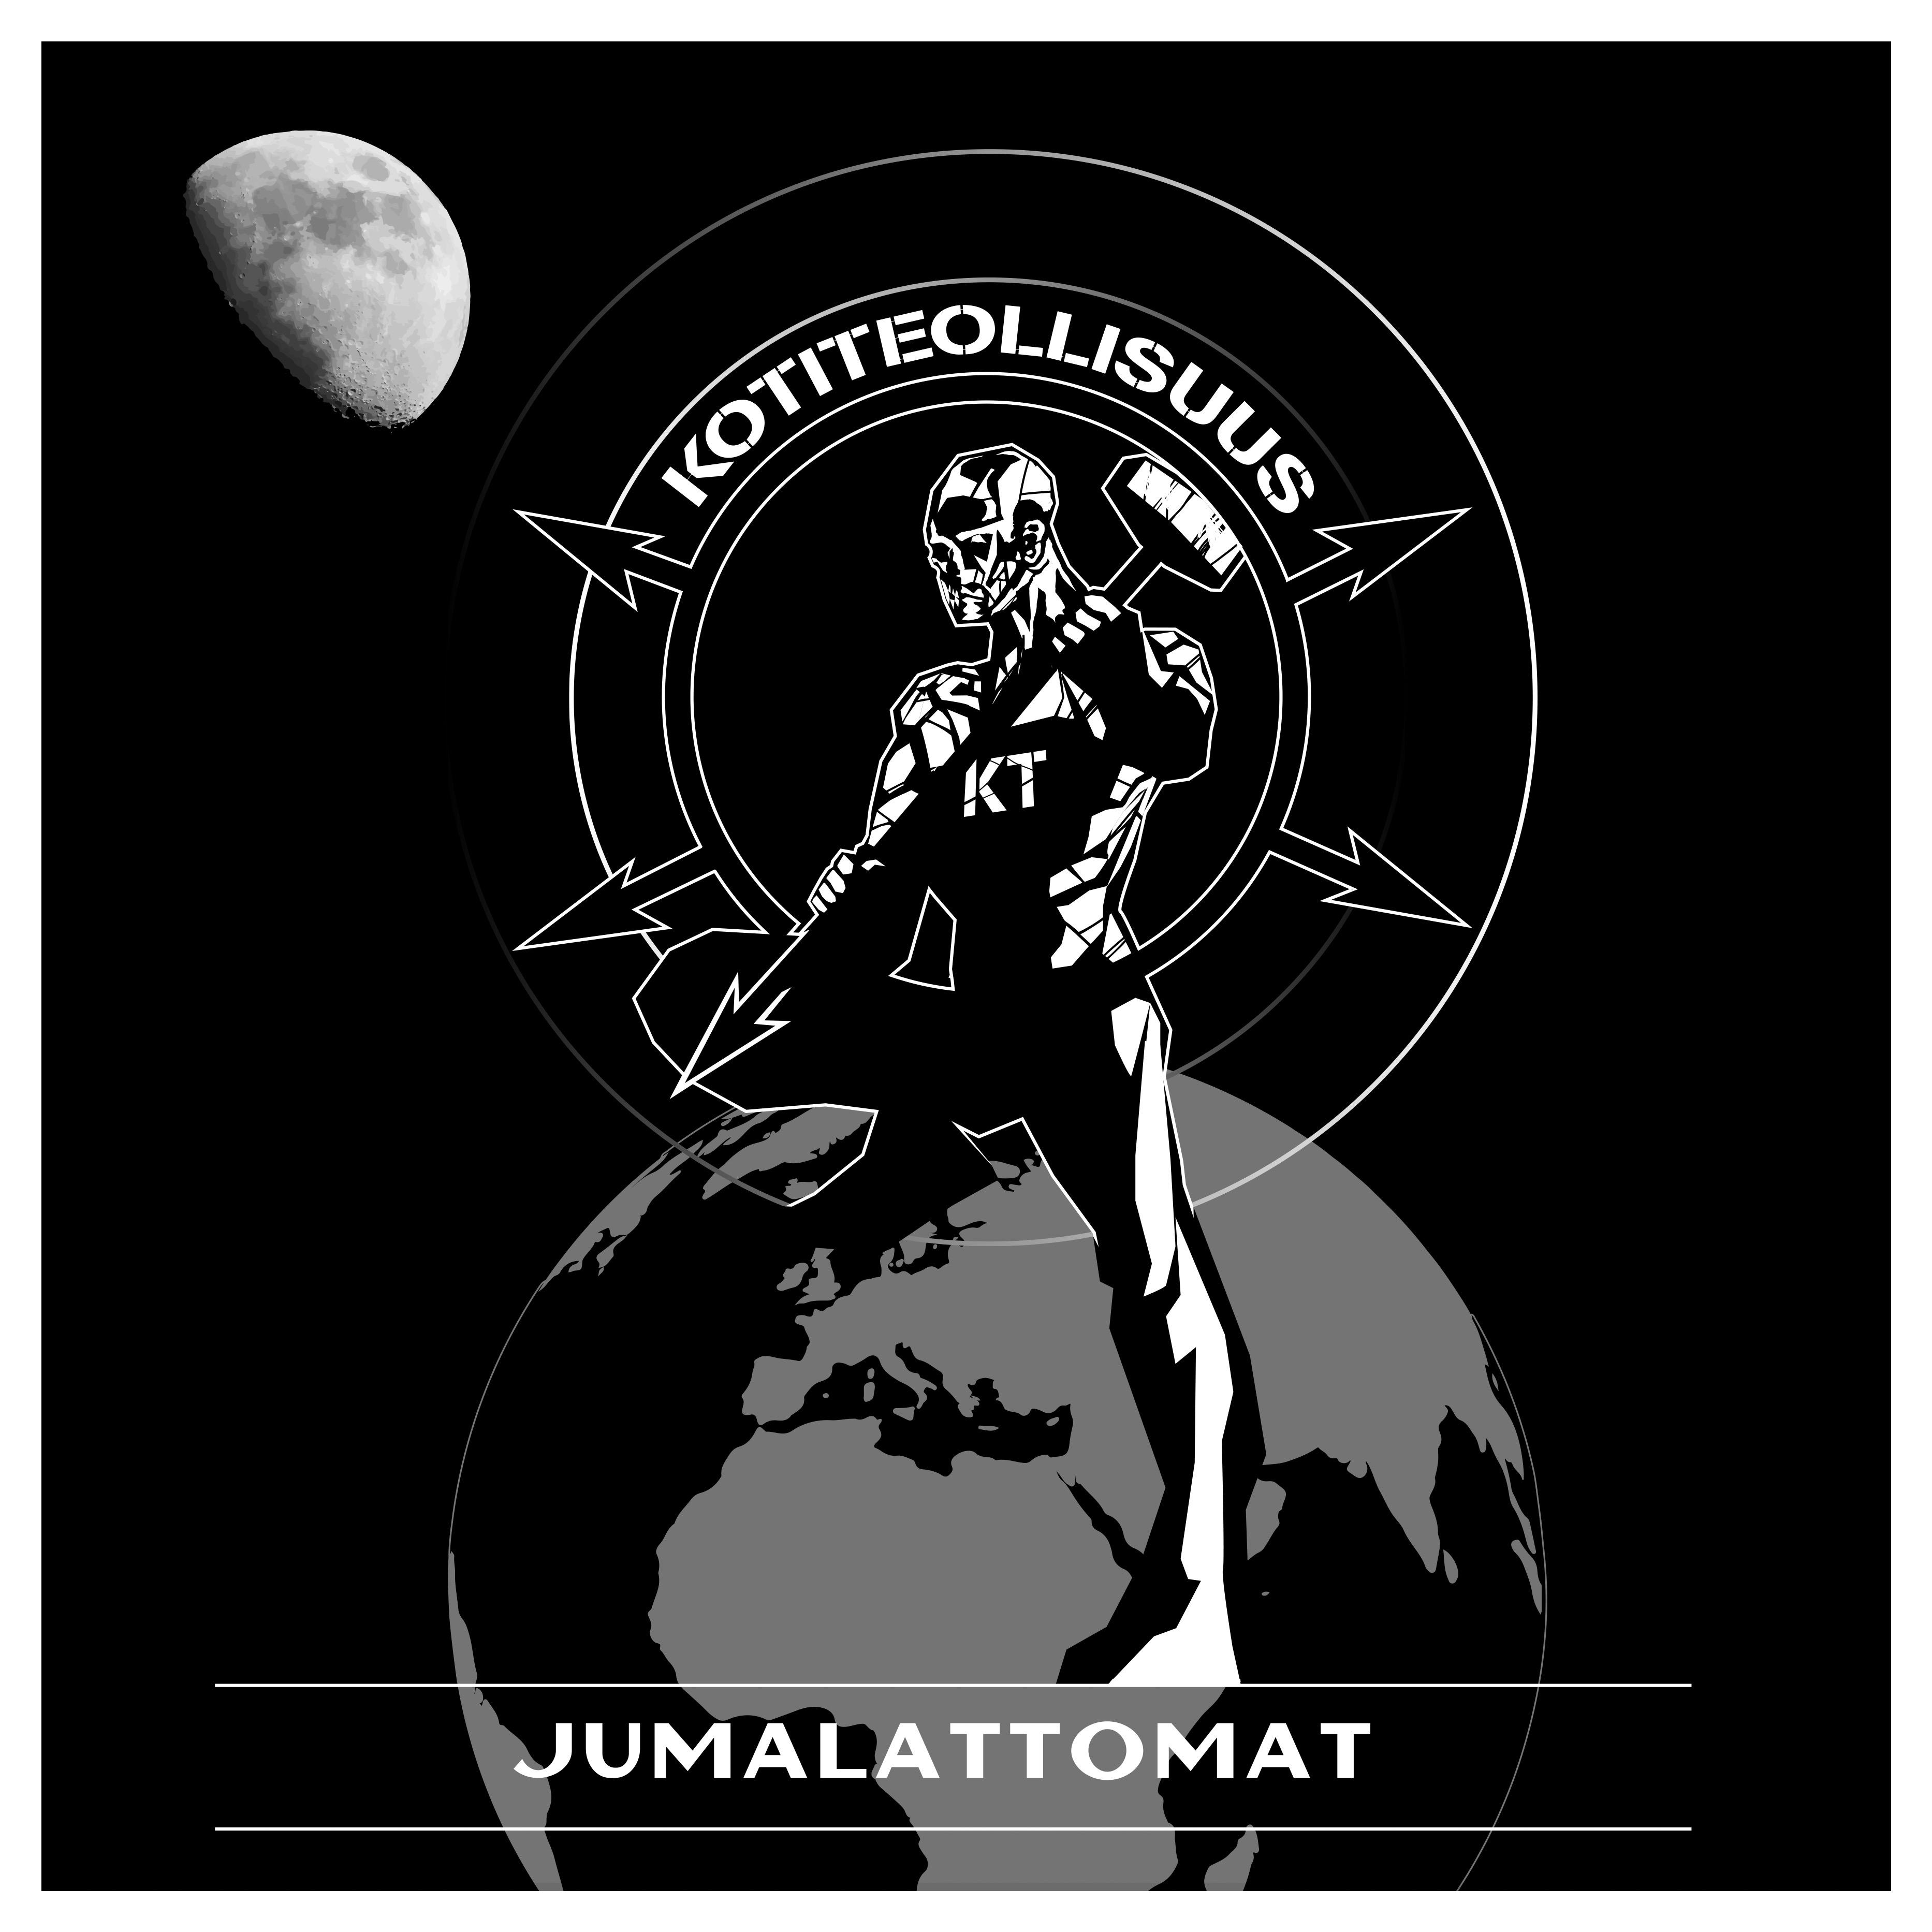 """LP -levy: Kotiteollisuus - """"Jumalattomat"""" 2LP + levymatto"""